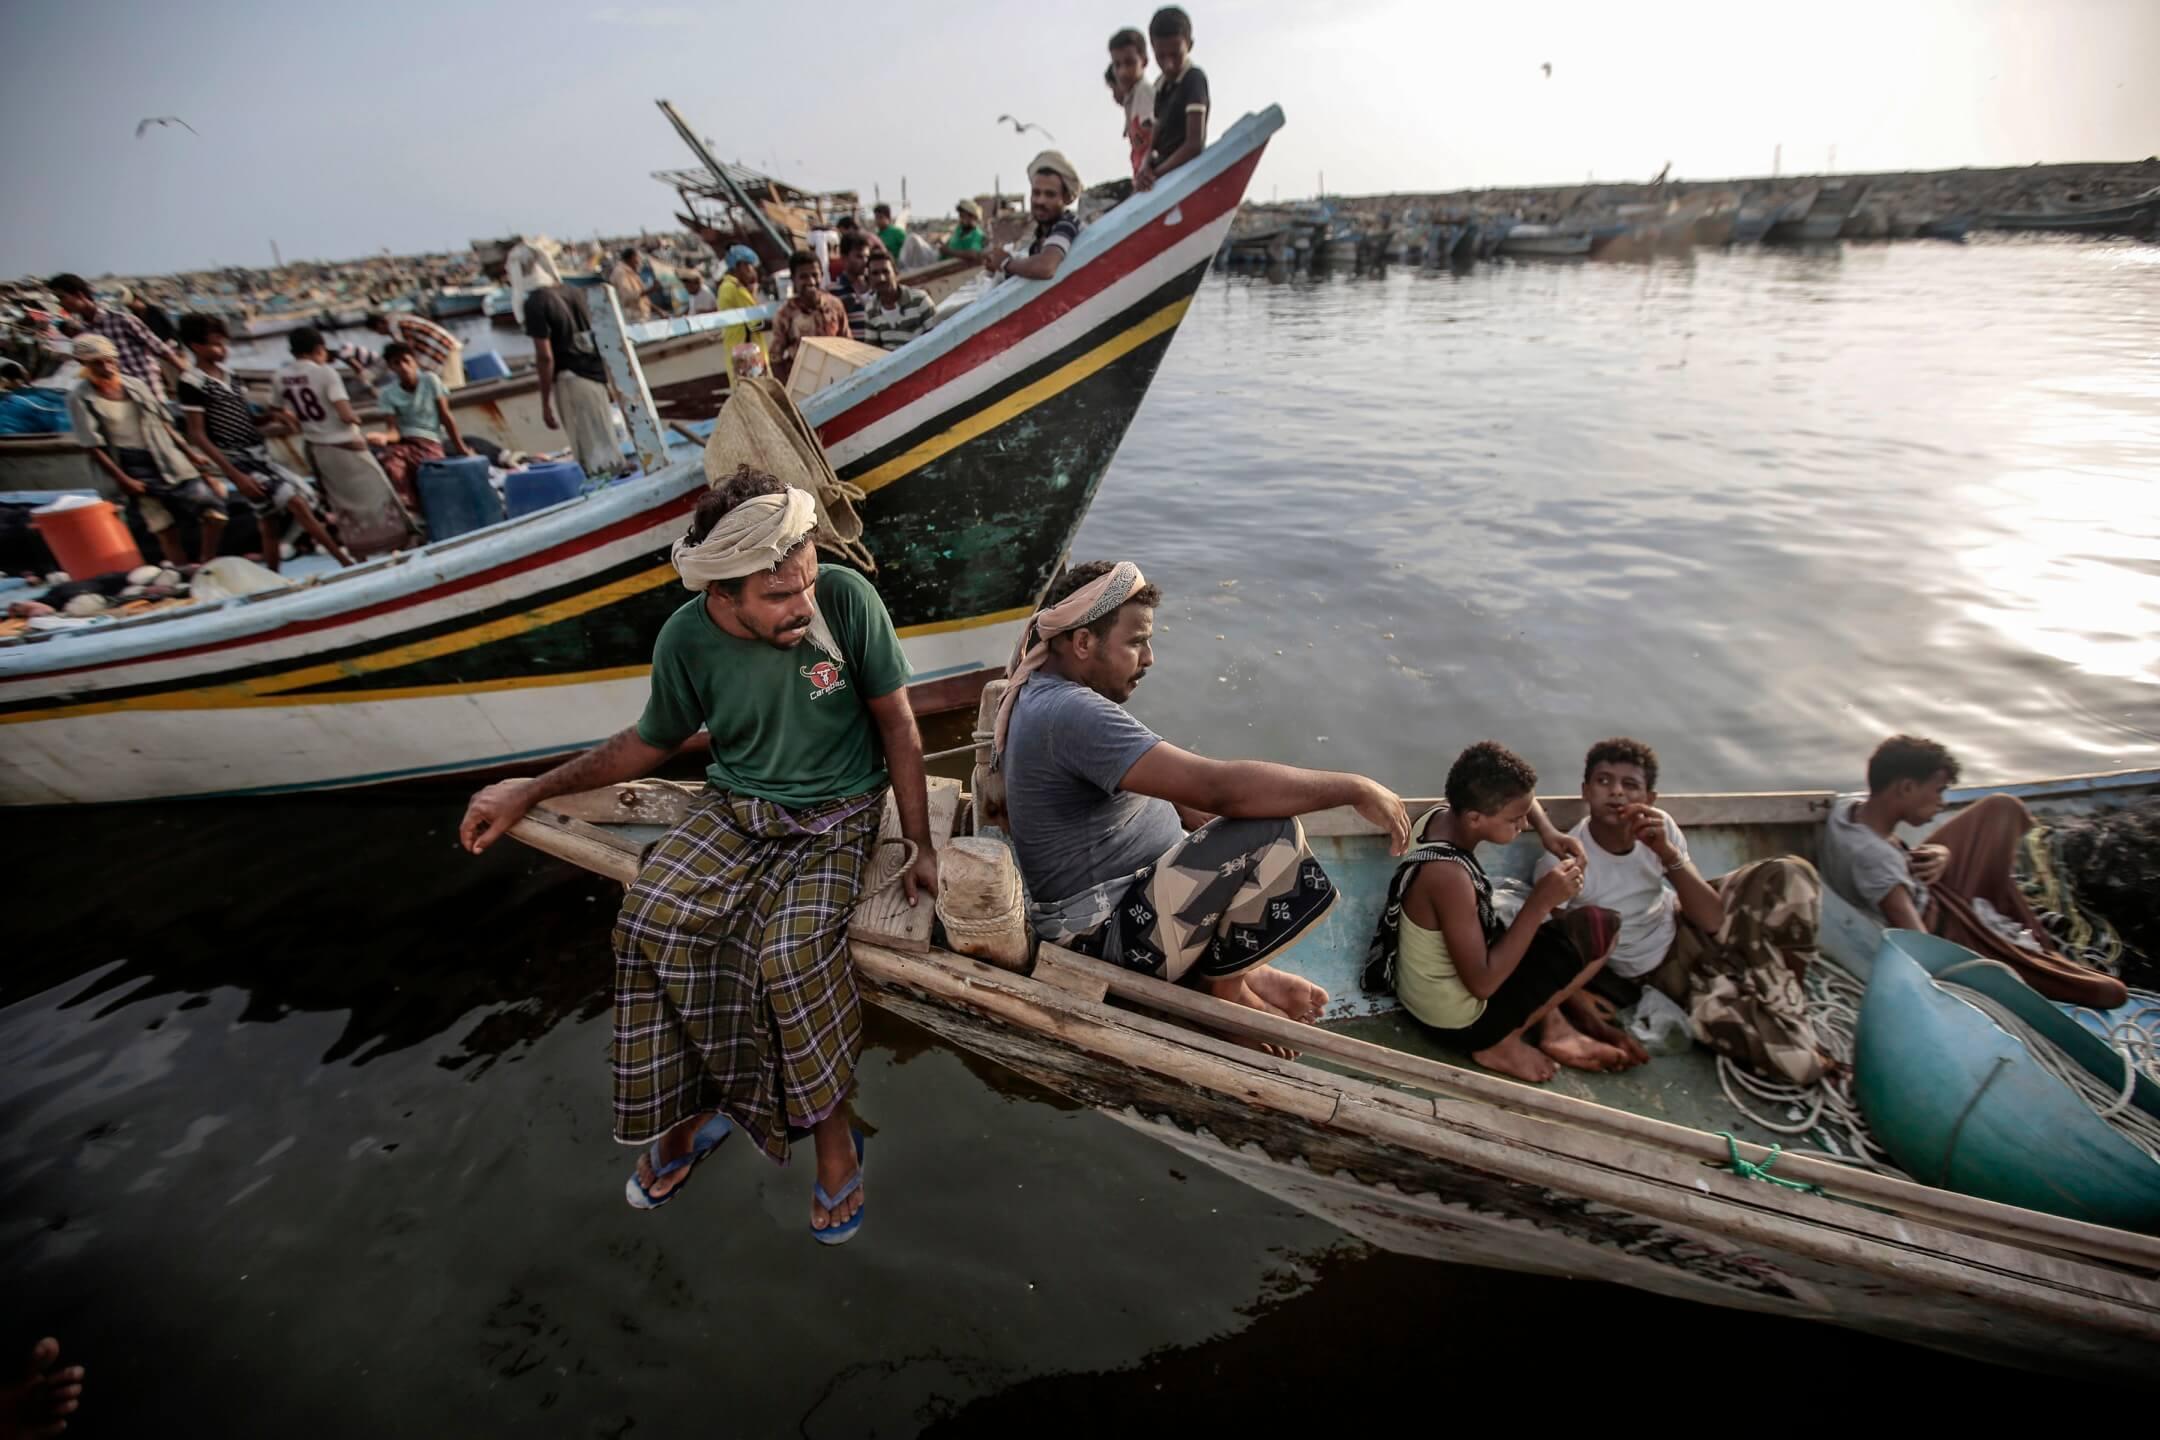 漁民在漁船上休息。 攝:Hani Mohammed/AP